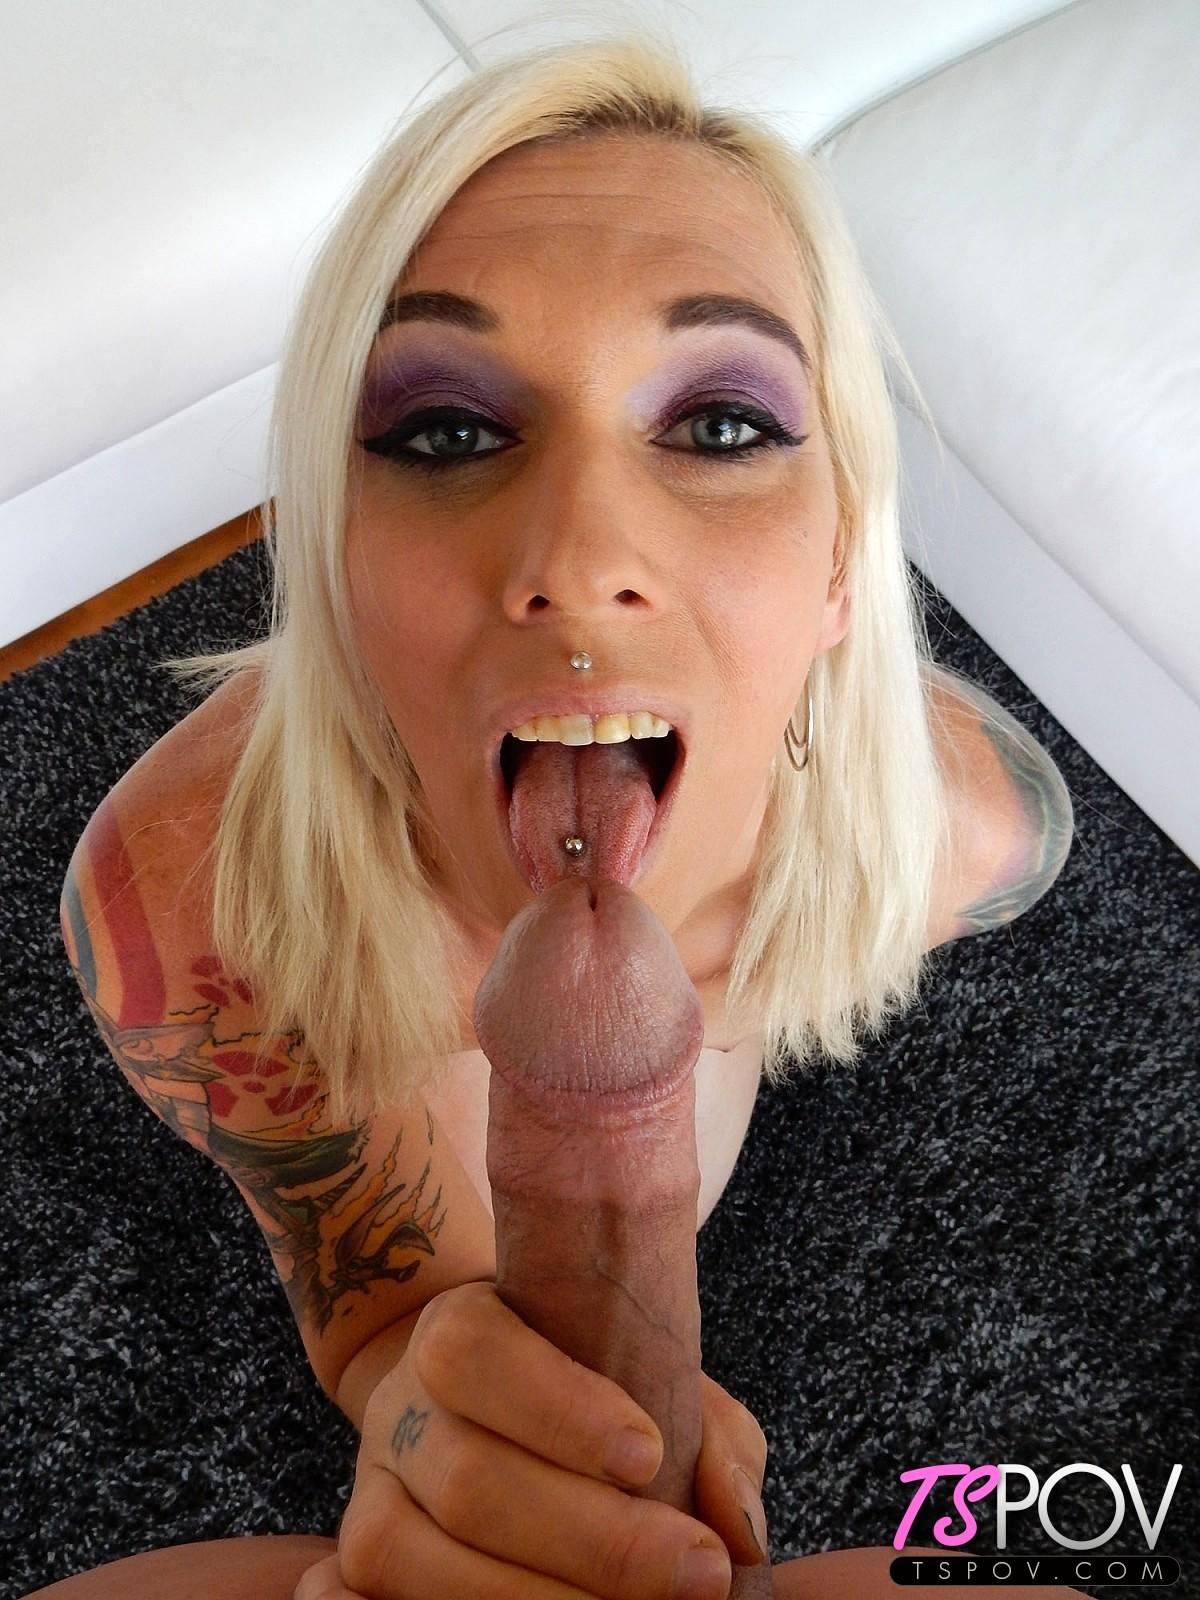 Kennadie Havoc Is A Tattooed Vixen That Desires Being Slutty.